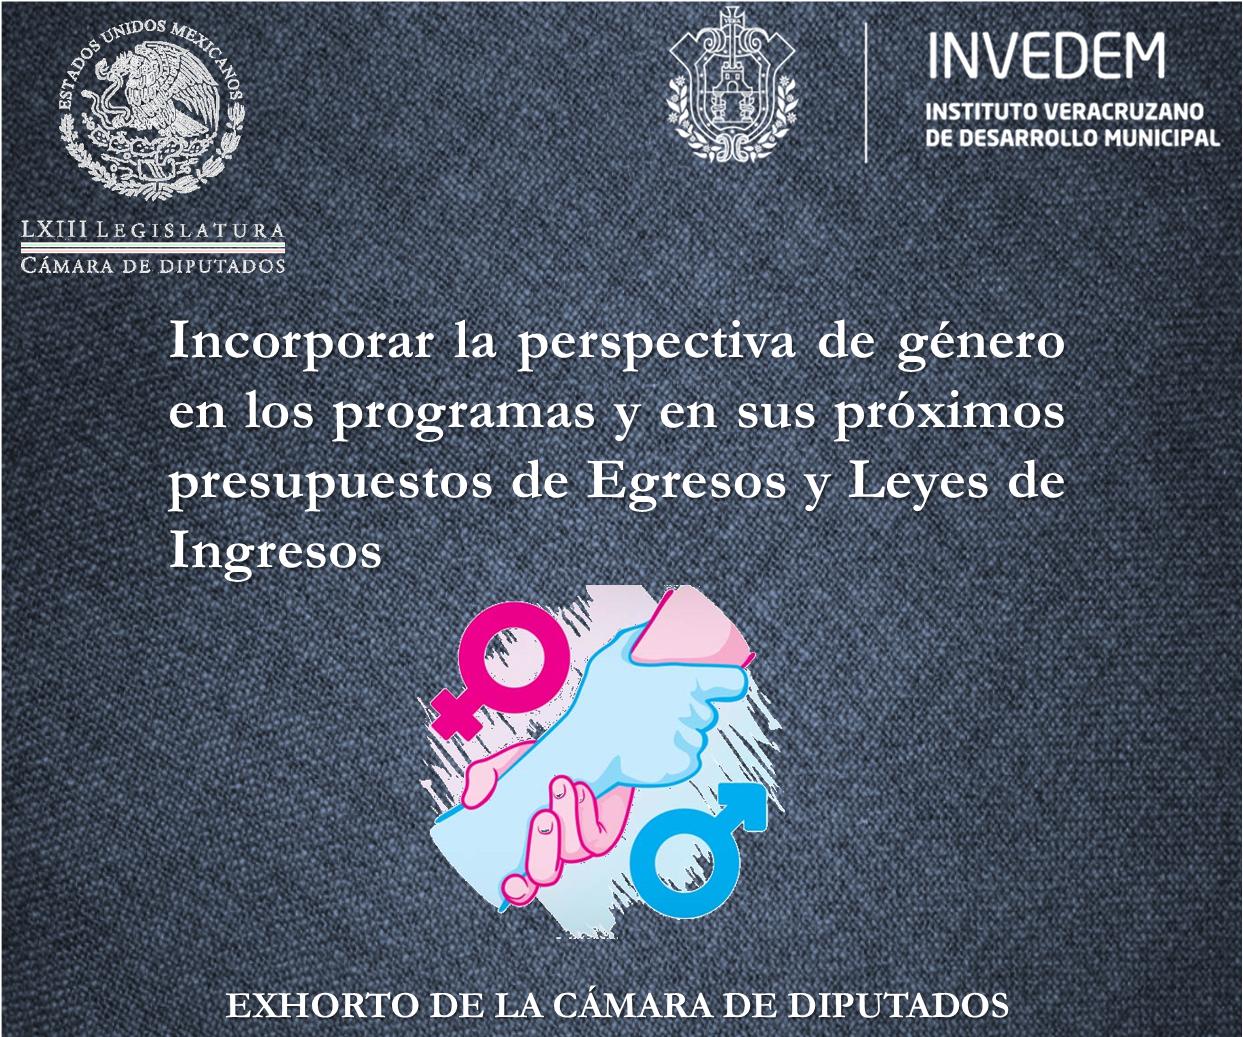 PRESUPUESTOS DE EGRESOS Y LEYES DE INGRESOS